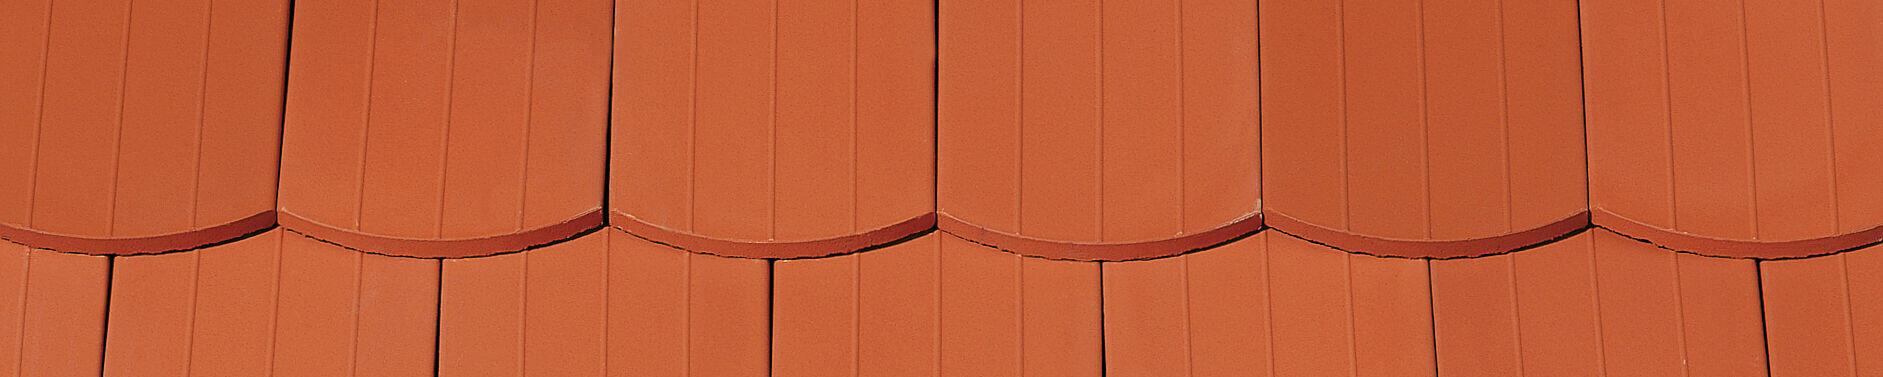 KERA-BIBER PROFIL Saxony plain tile natural red